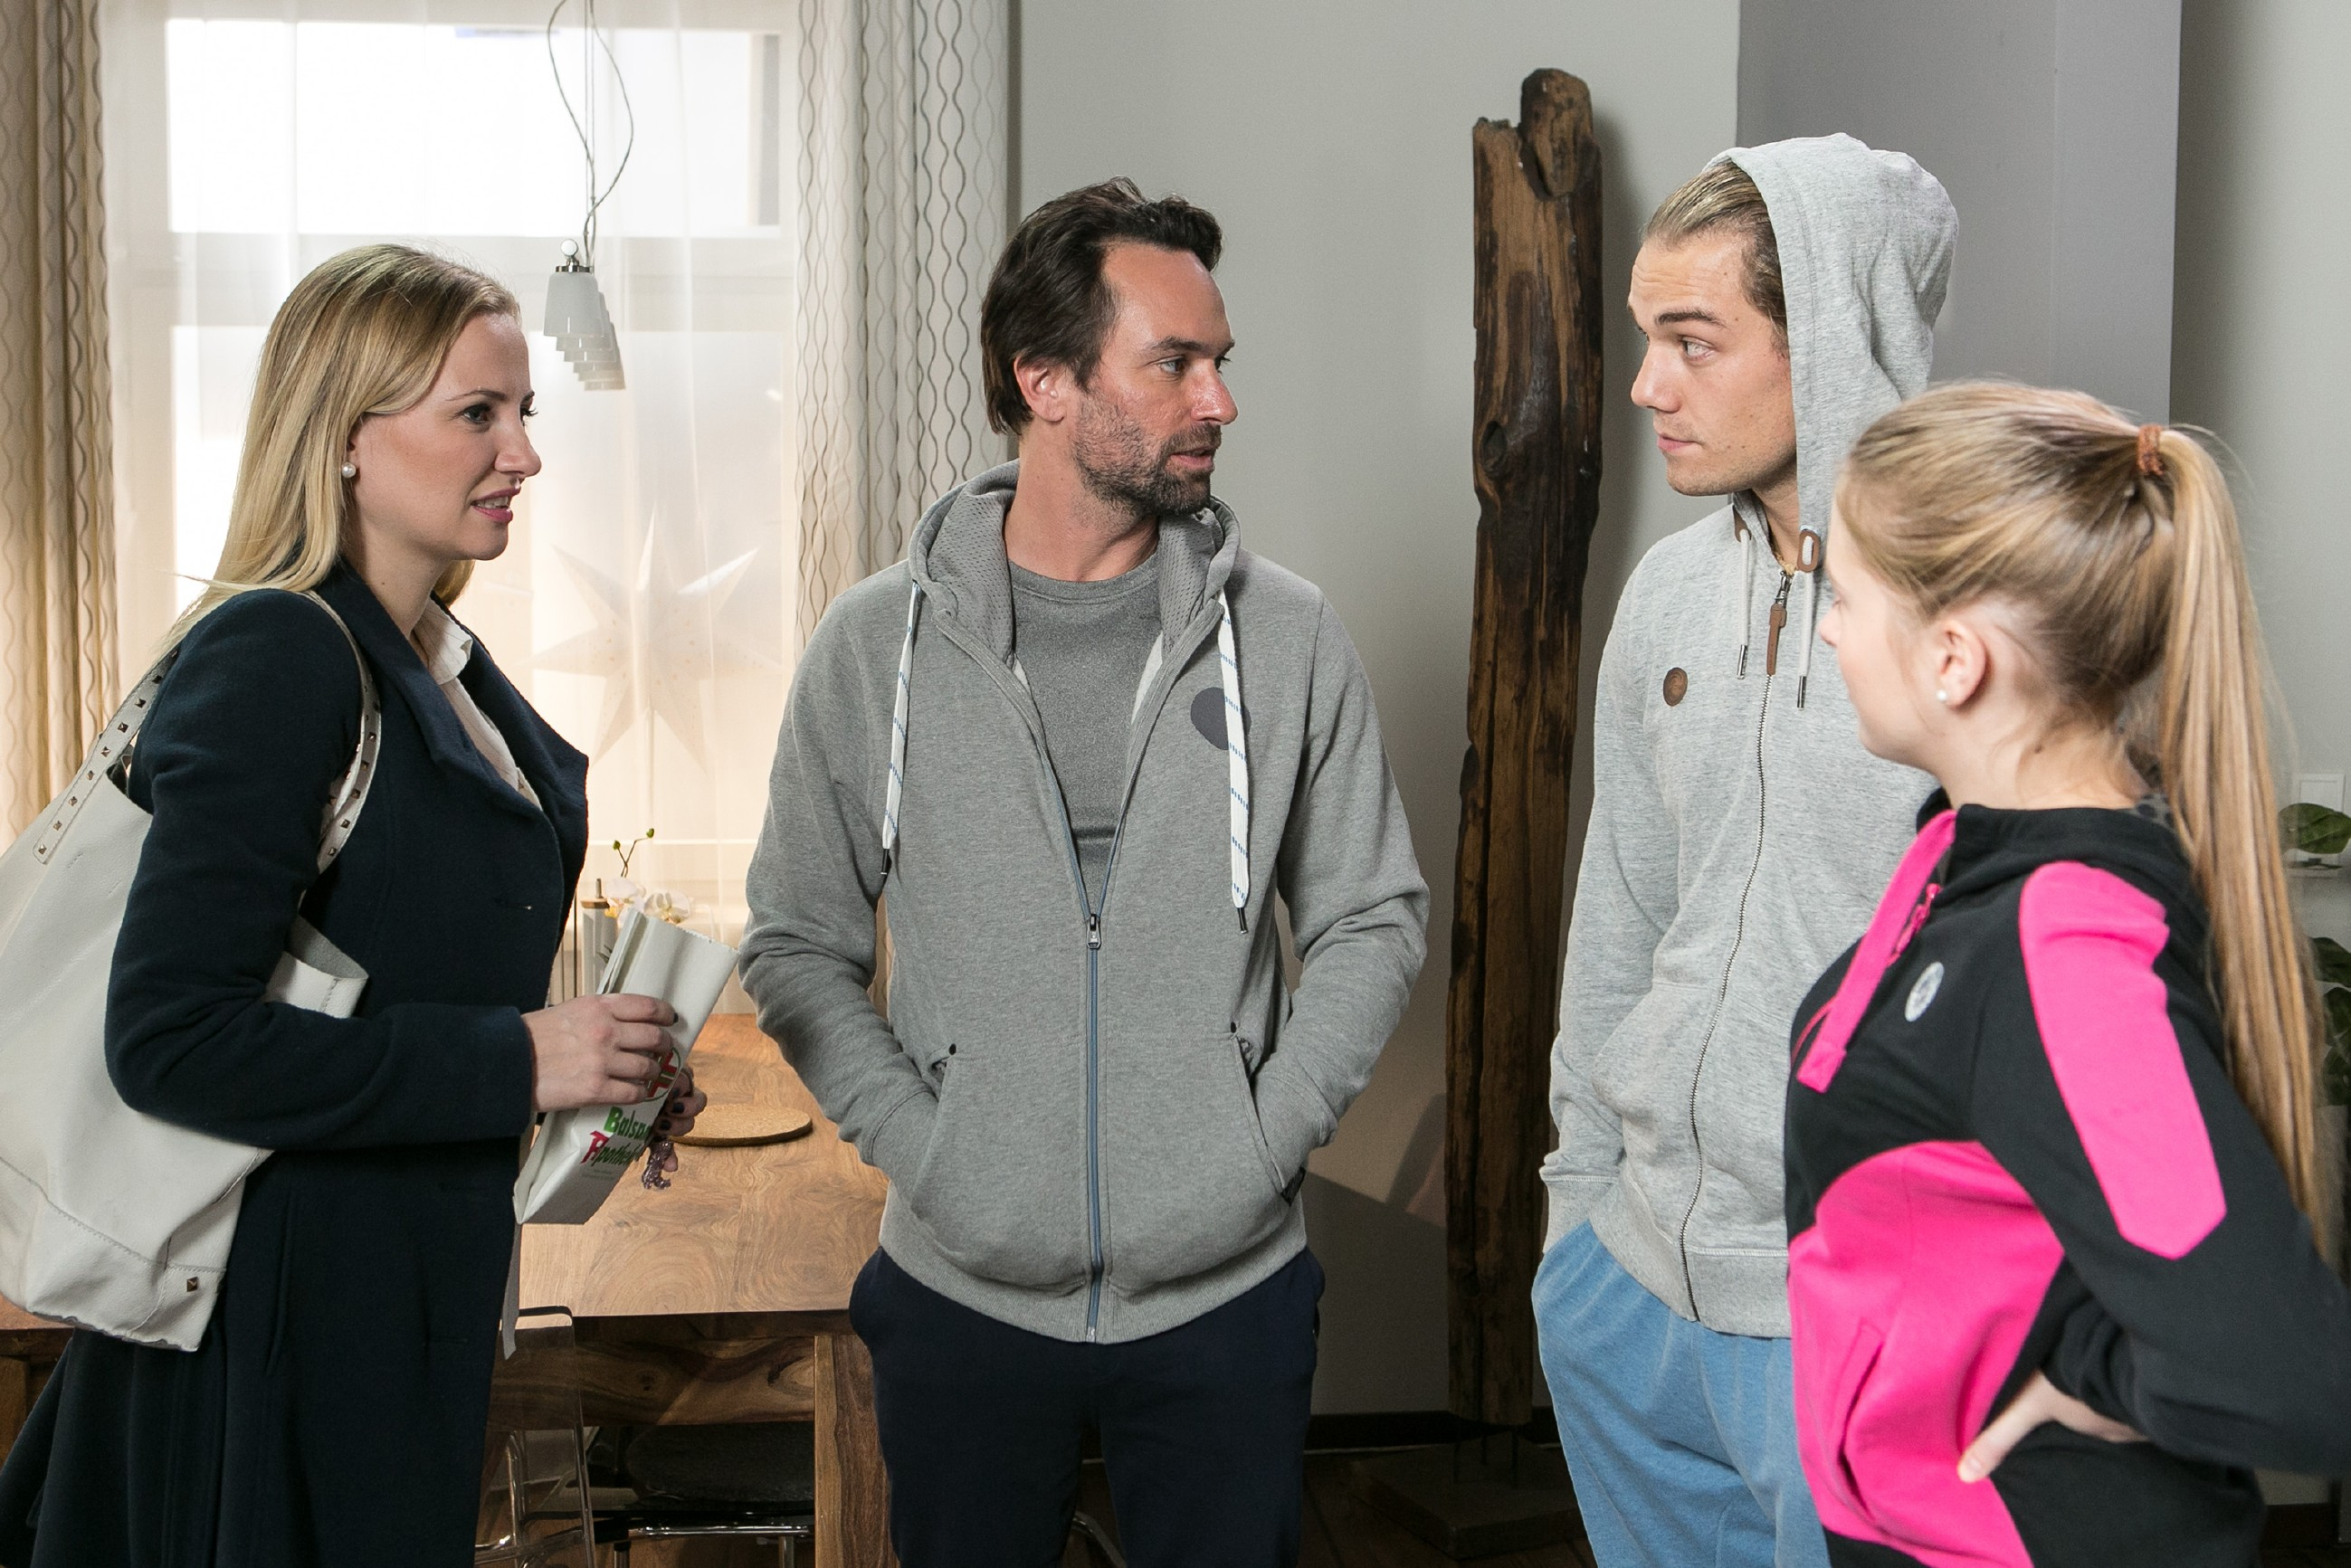 Isabelle (Ania Niedieck, l.) versucht ihren Verdacht, schwanger zu sein, vor Thomas (Daniel Brockhaus, 2.v.l.), Leo (Julian Bayer) und Flo (Julia Albrecht) zu verheimlichen, denn sowohl Thomas als auch Leo kämen in diesem Fall als Väter infrage... (Quelle: RTL / Kai Schulz)